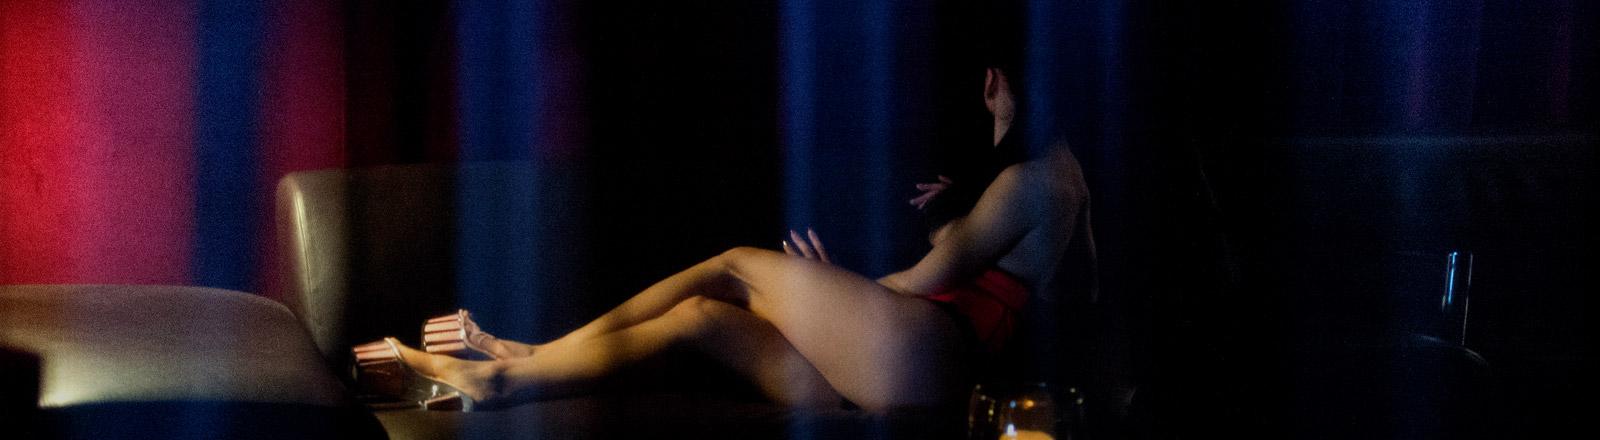 Eine Sexarbeiterin auf einem Sofa